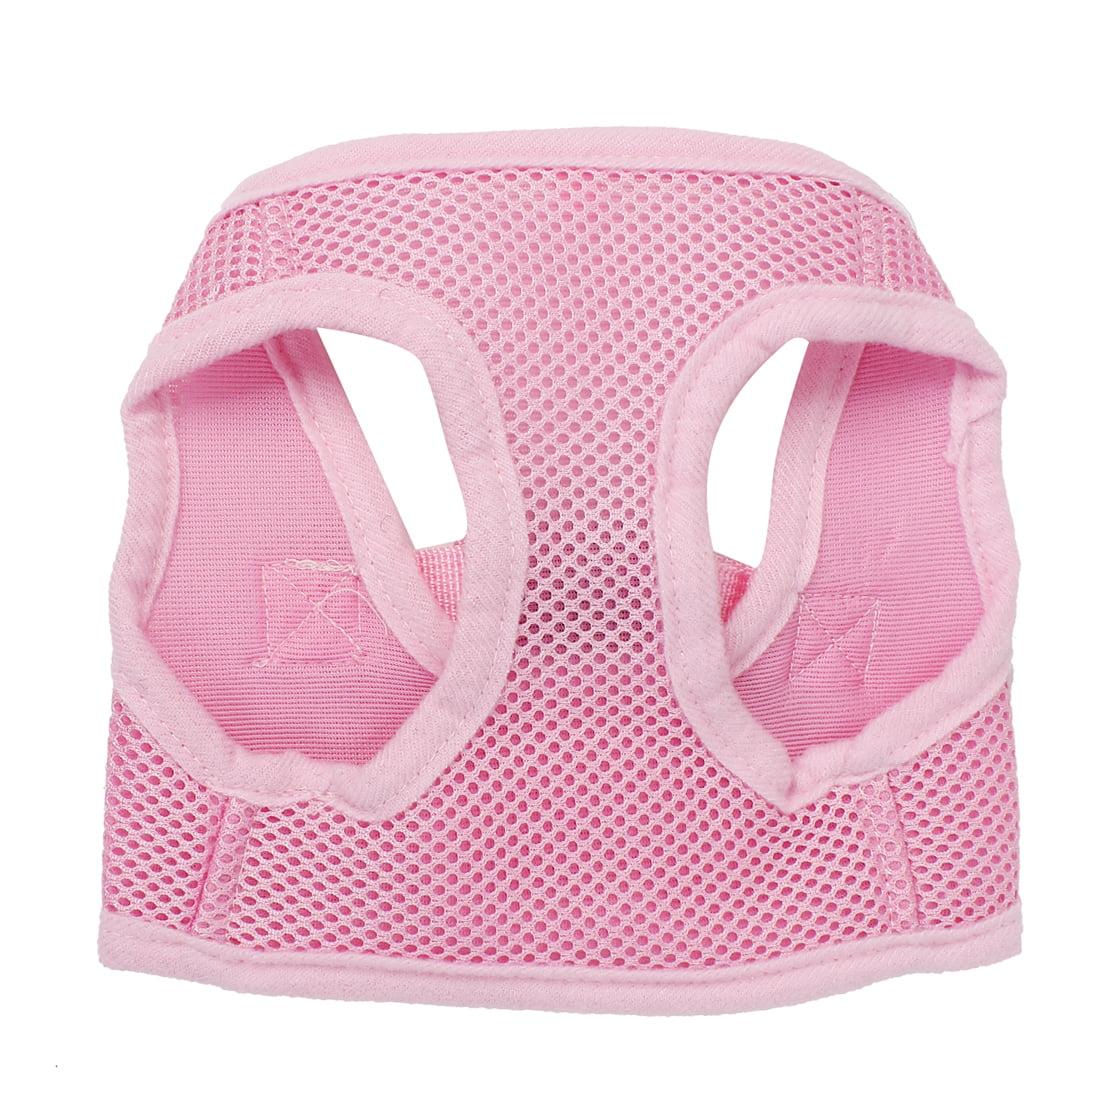 Unique Bargains Pet Puppy Adjustable Side Release Buckle Mesh Harness Vest Pink Size XS